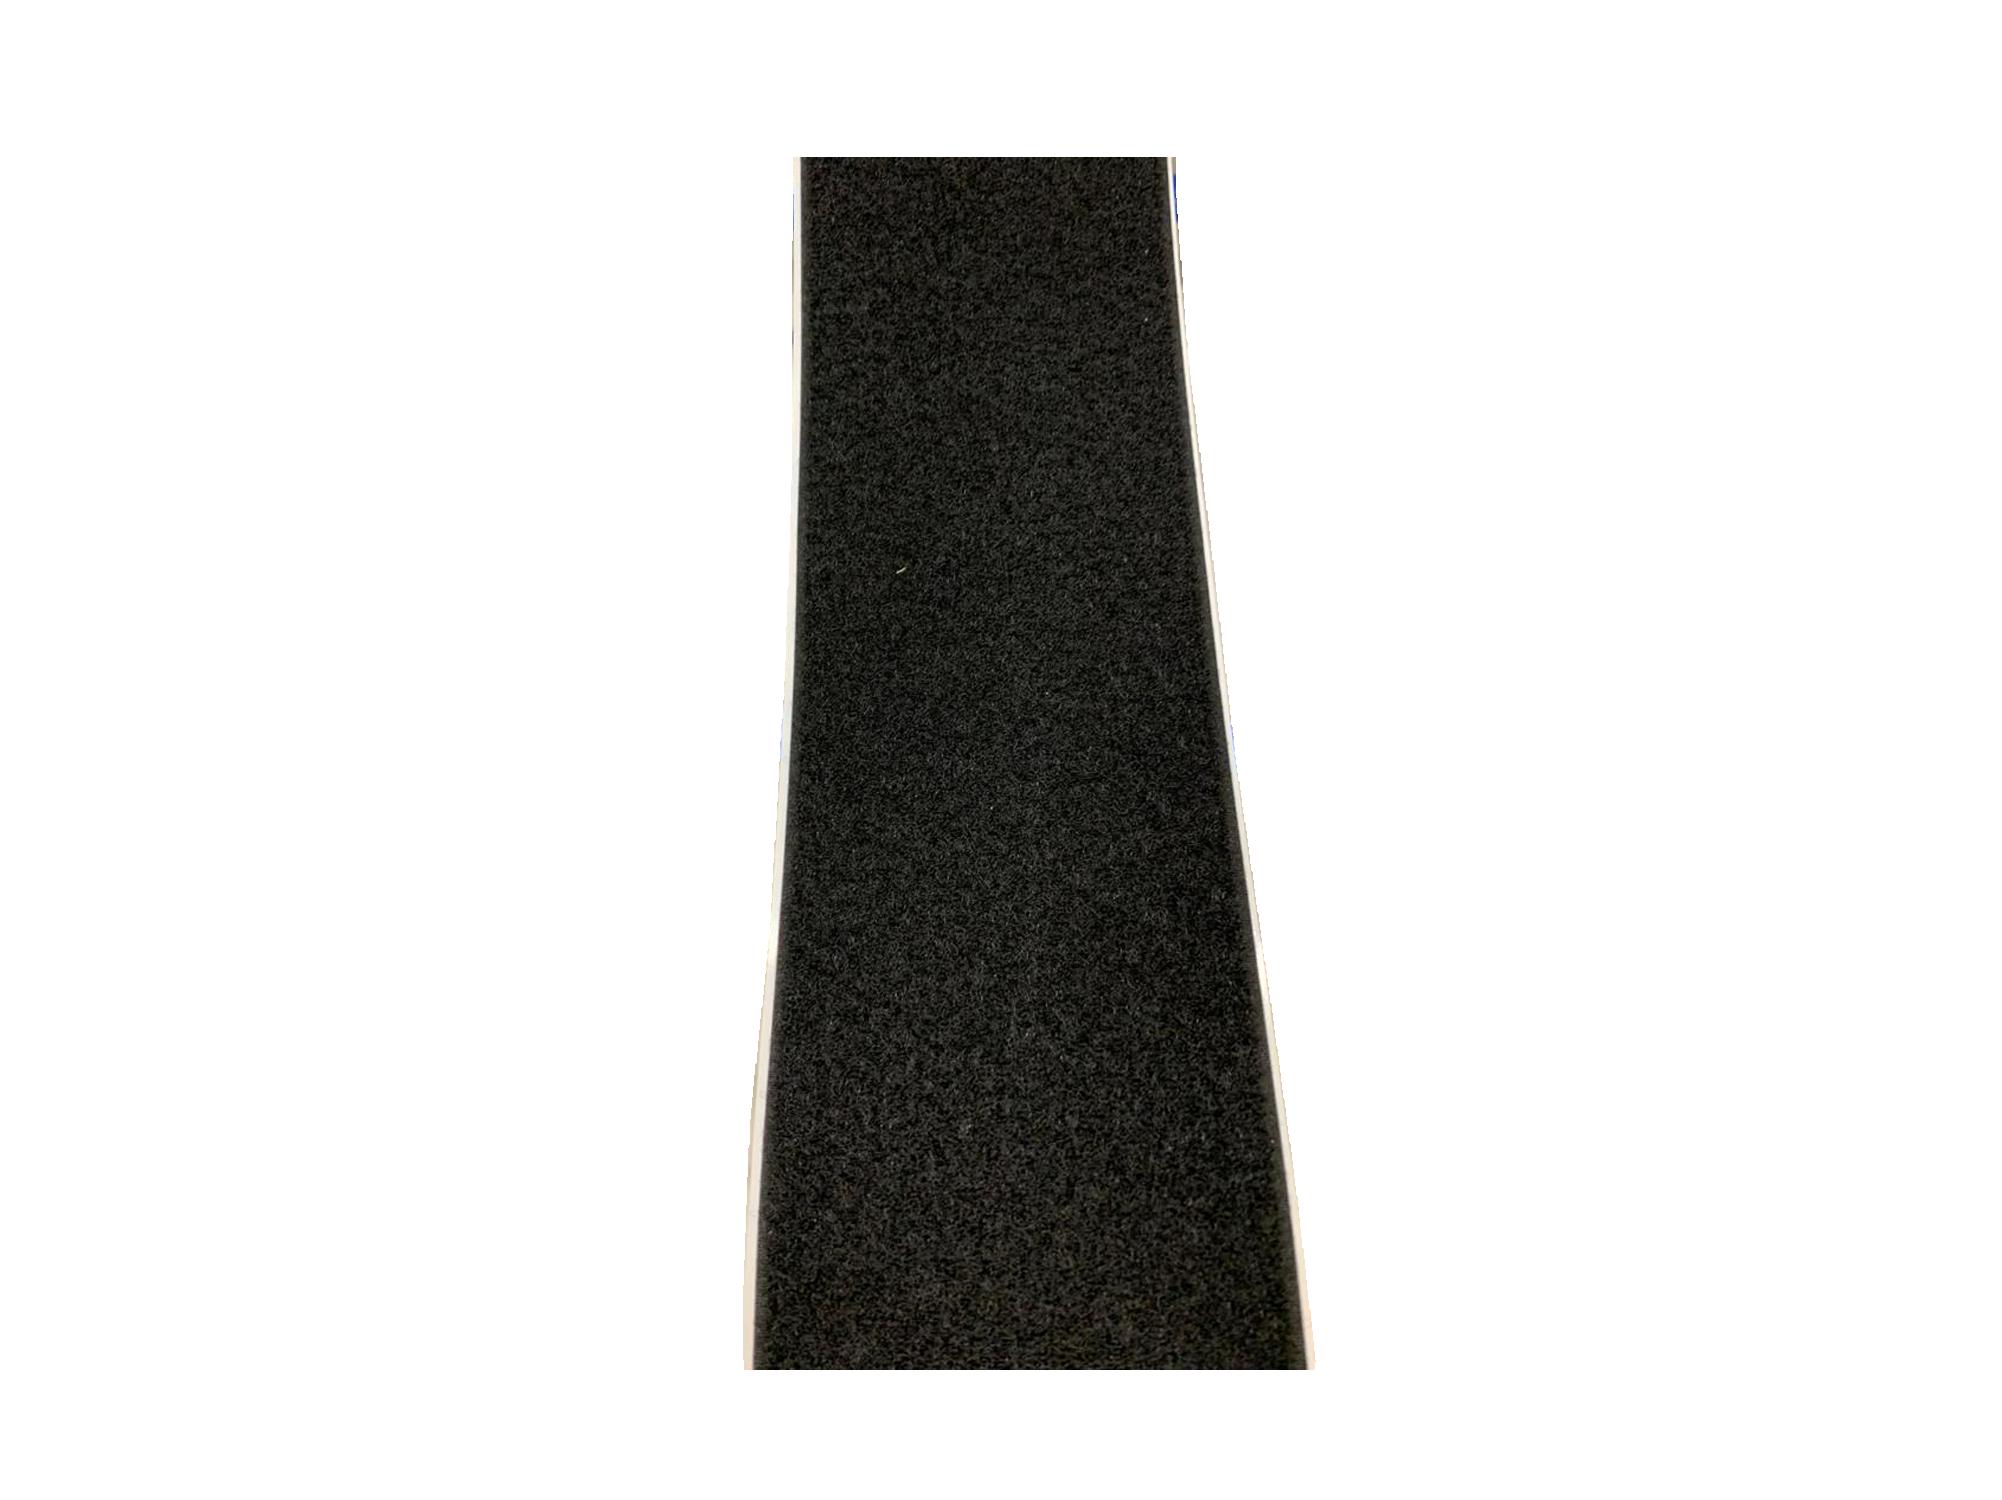 Velcro adhésif